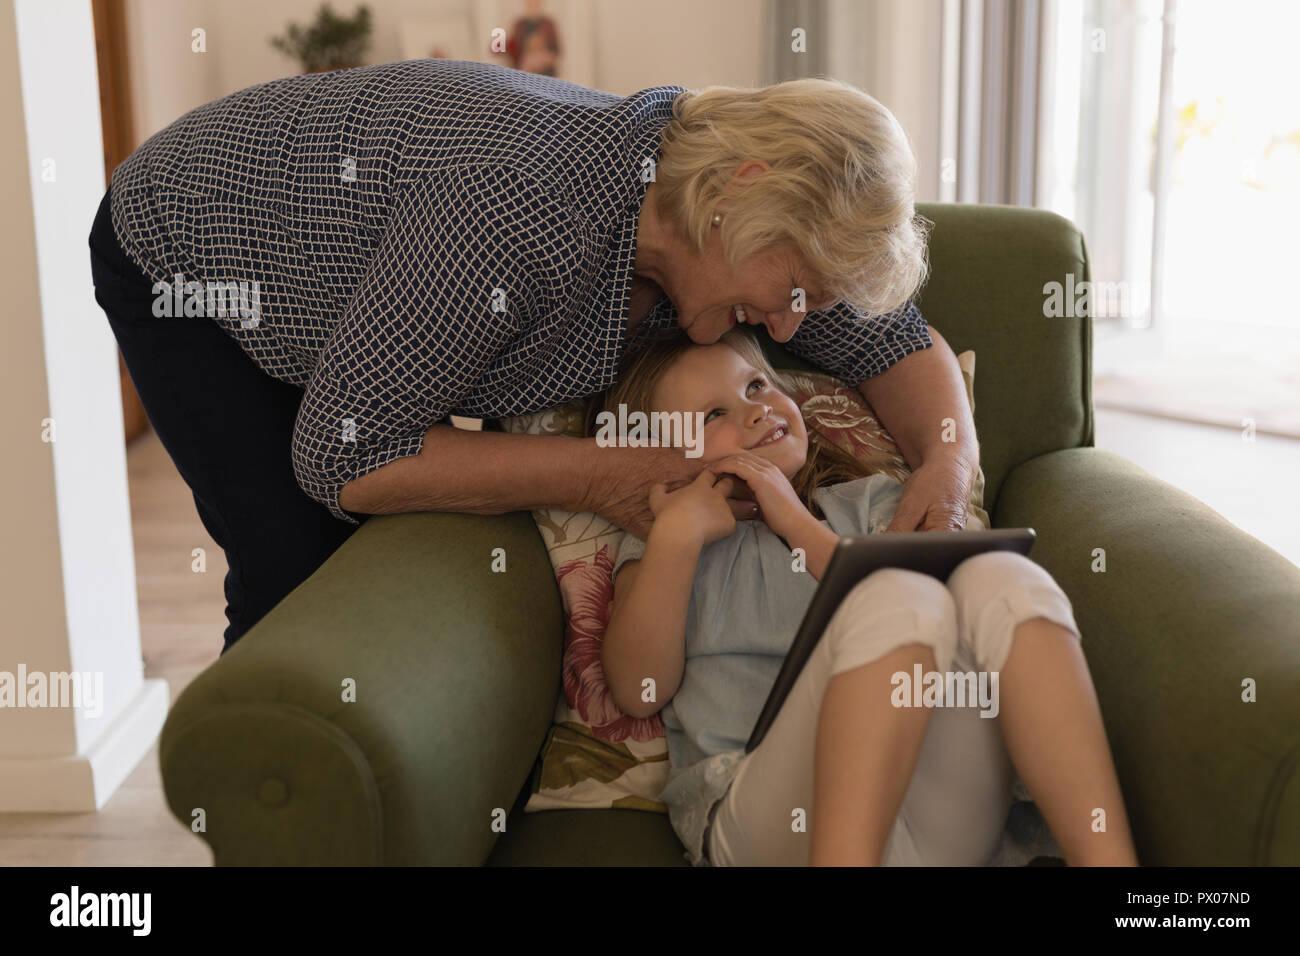 Grand-mère et petite-fille using digital tablet in living room Banque D'Images